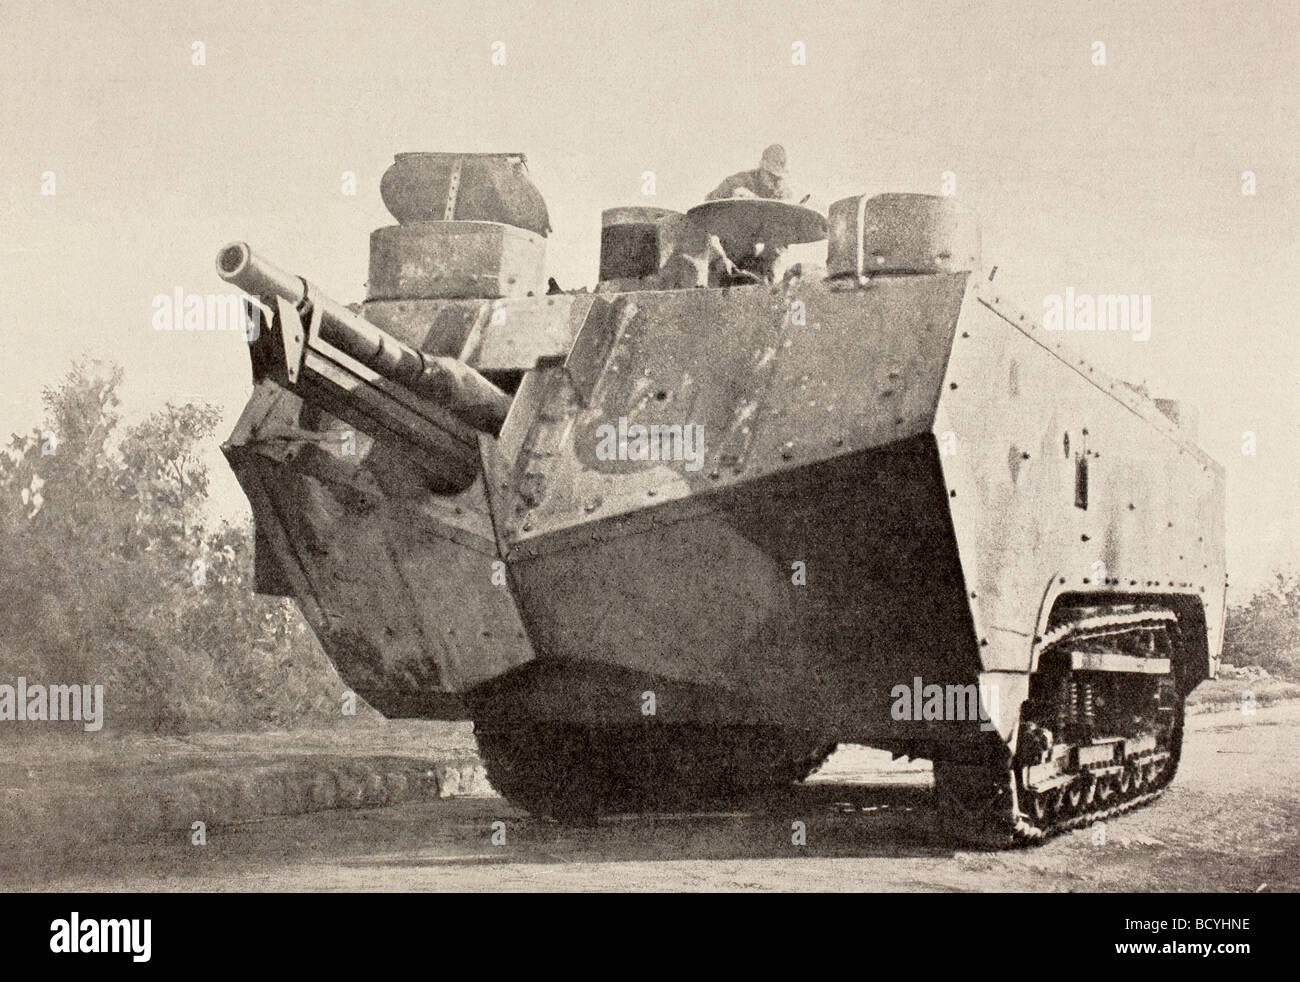 Primera Guerra Mundial francés tanque de asalto armado con Rapid Fire Cannon. Imagen De Stock